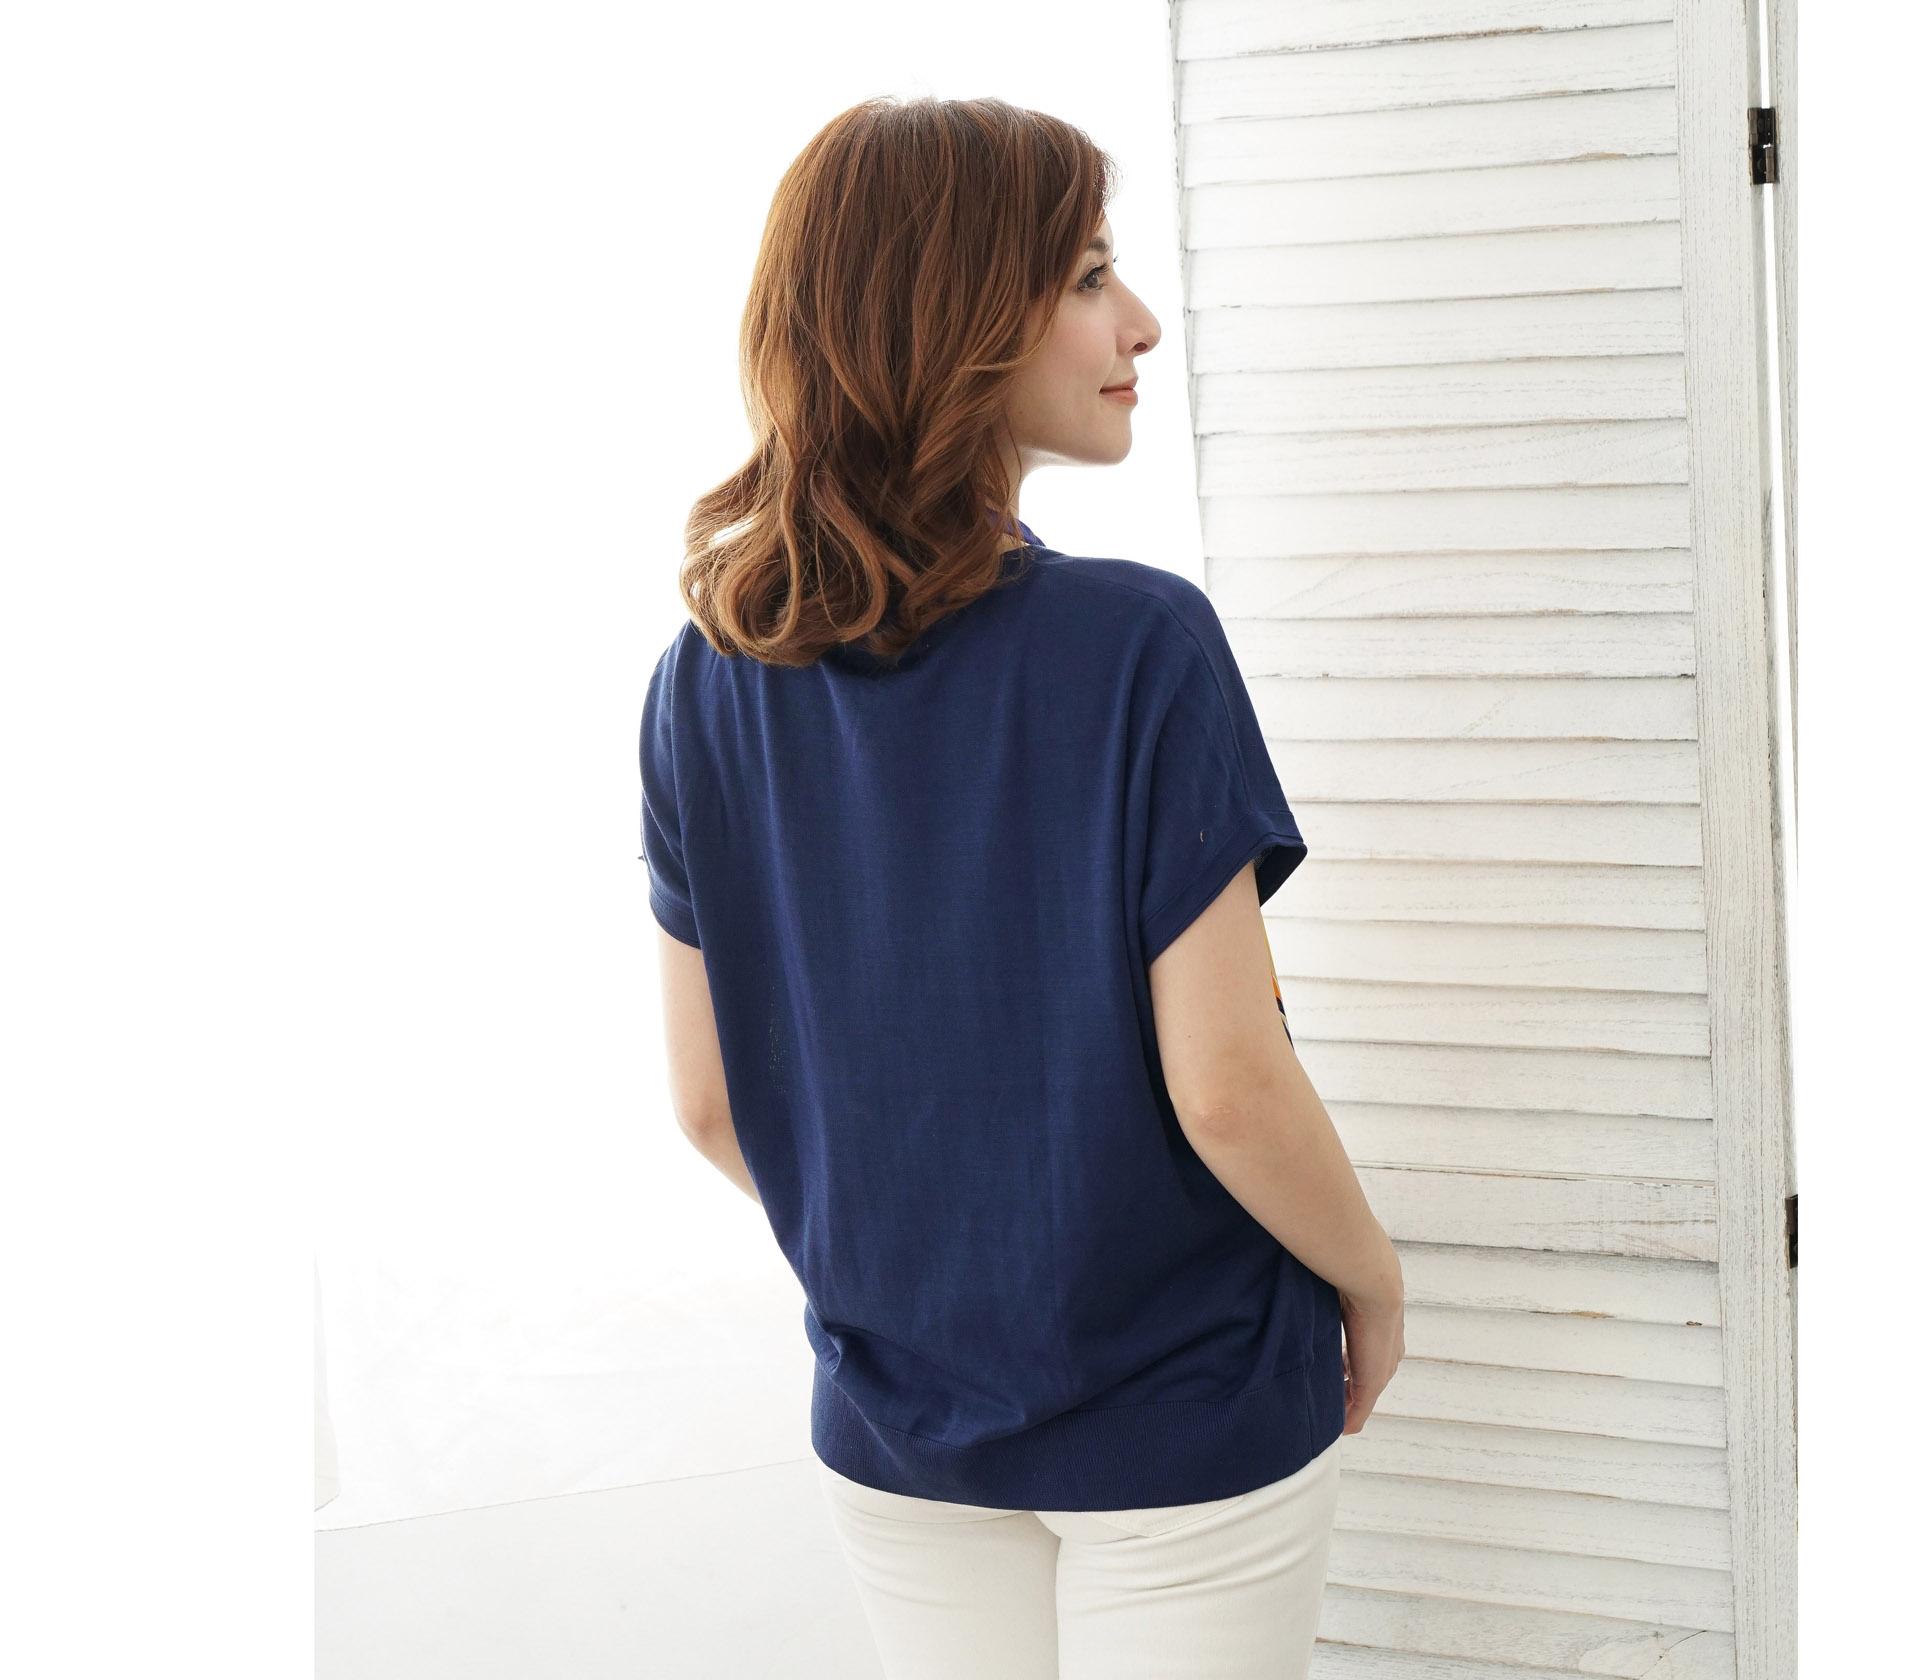 典雅女人幾何圖形藍色針織上衣-6403